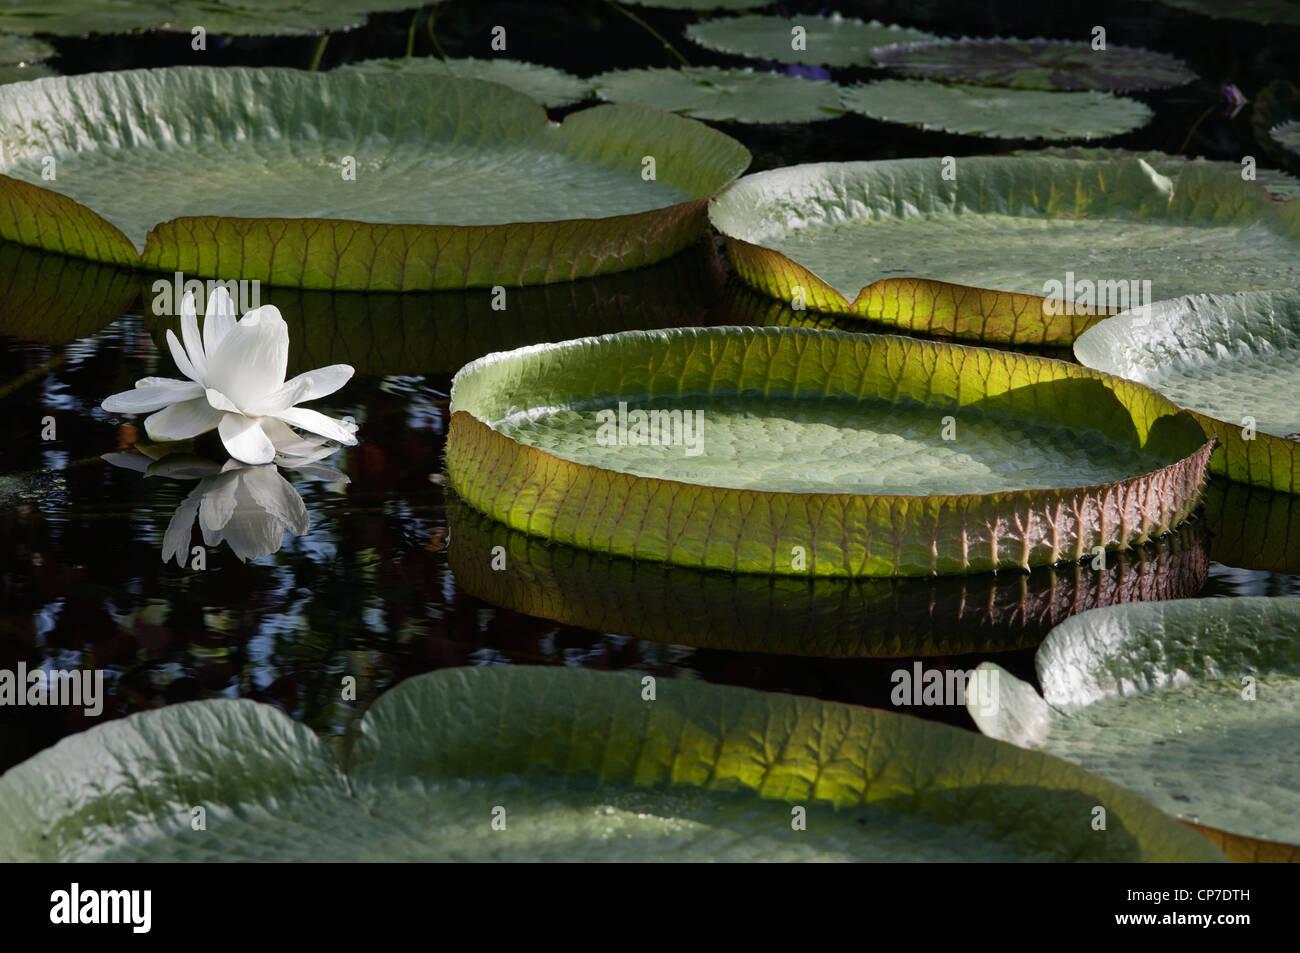 Victoria Cruziana, Riesen-Seerose, weiße Blume, schwimmt auf Wasser unter den Seerosen. Stockbild